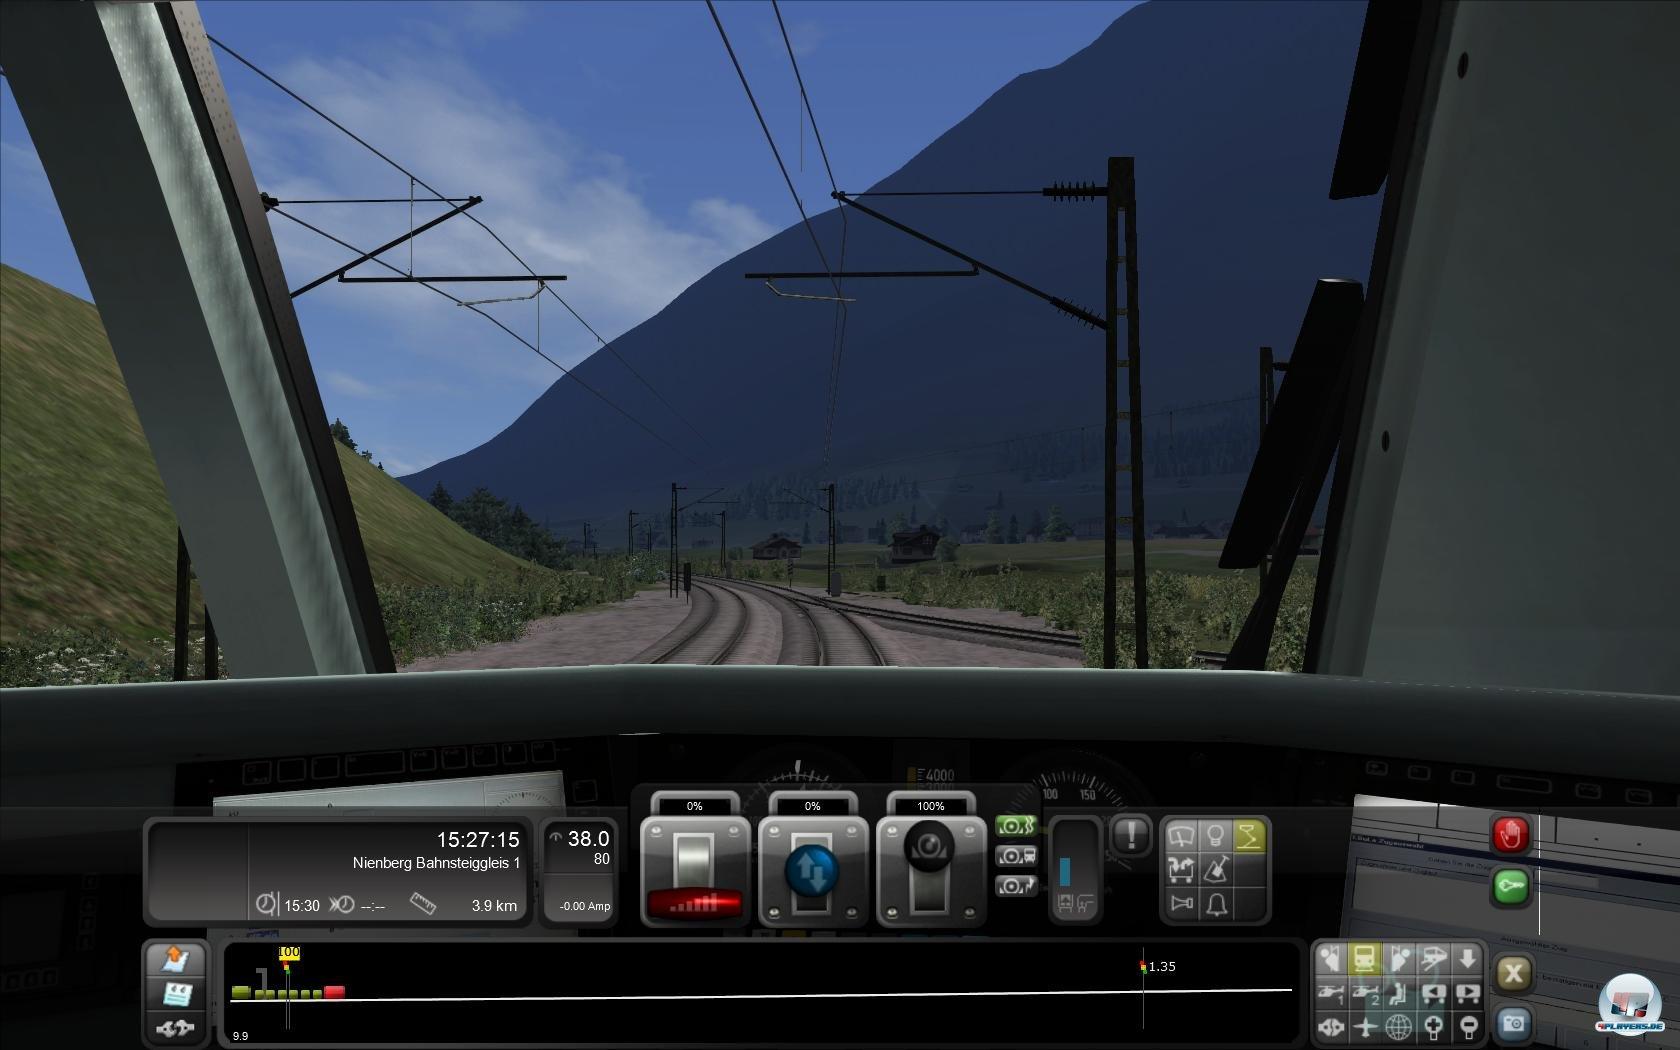 Mal geht es mit dem Triebwagen durch sonnige Alpenpässe...